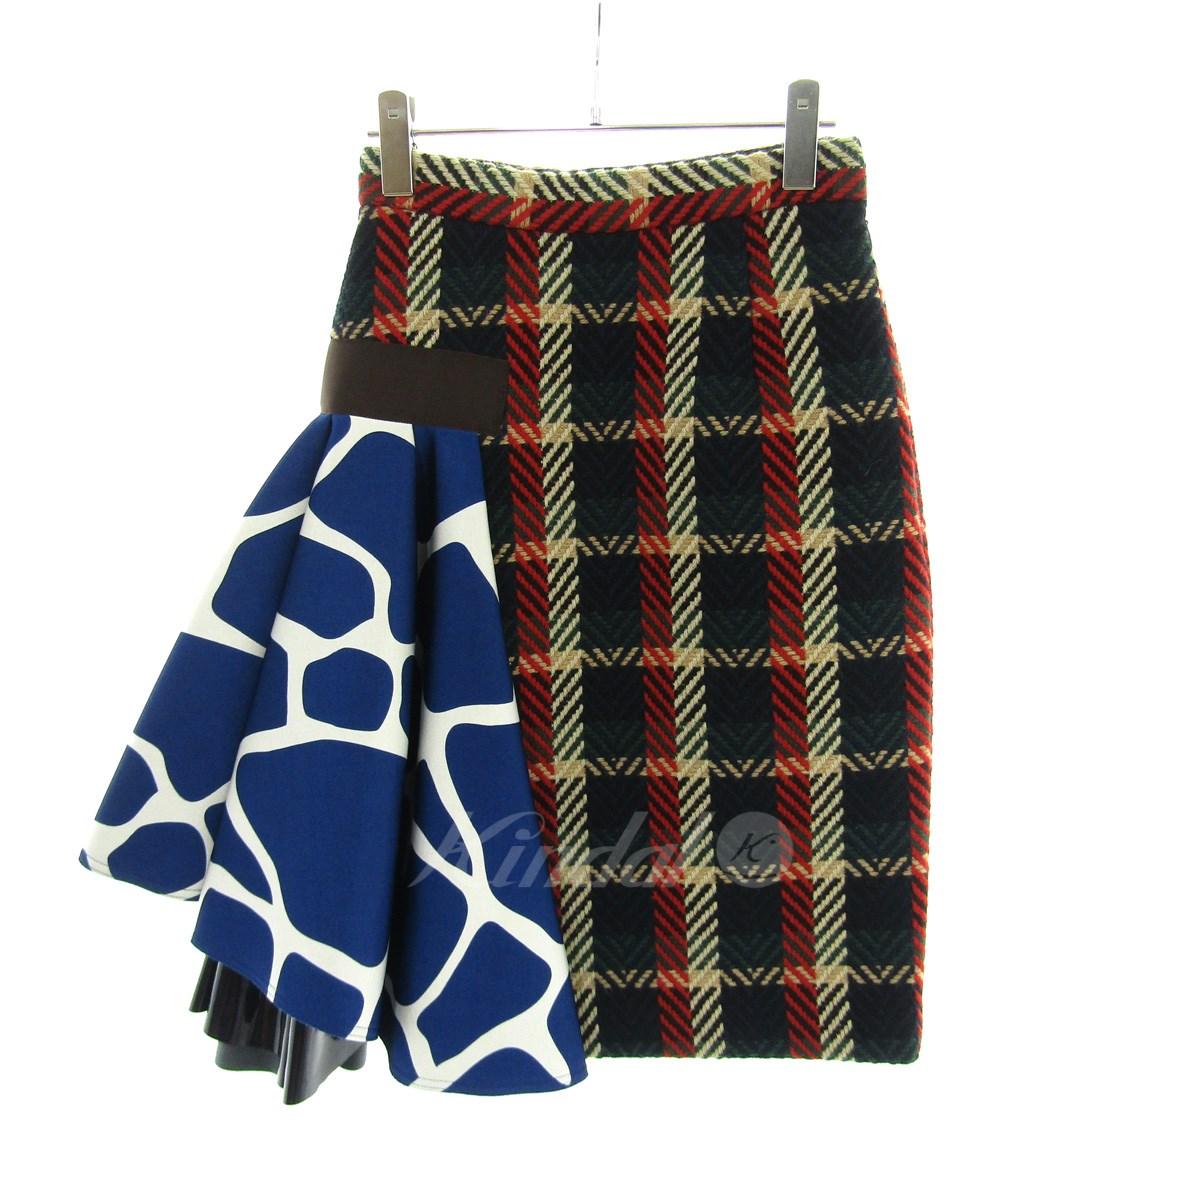 【中古】kolor 2016A/W チェック柄 デザイン スカート マルチカラー サイズ:1 【送料無料】 【090918】(カラー)